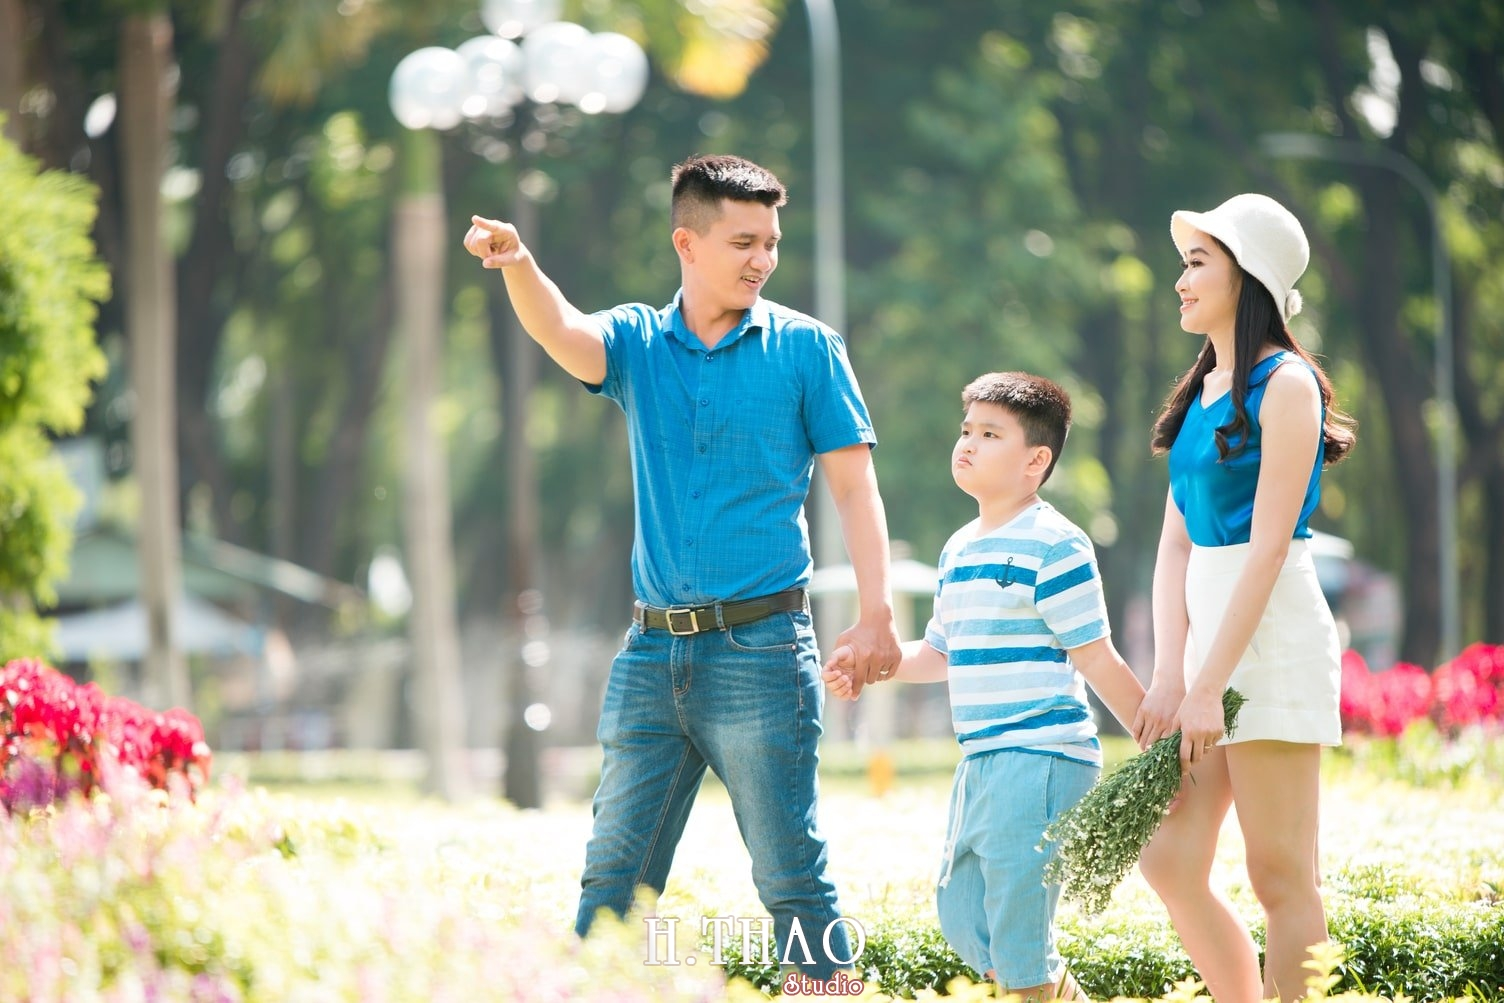 Anh Gia dinh 3 nguoi 9 - Gói chụp ảnh gia đình ngoại cảnh giá rẻ Tp. HCM - HThao Studio